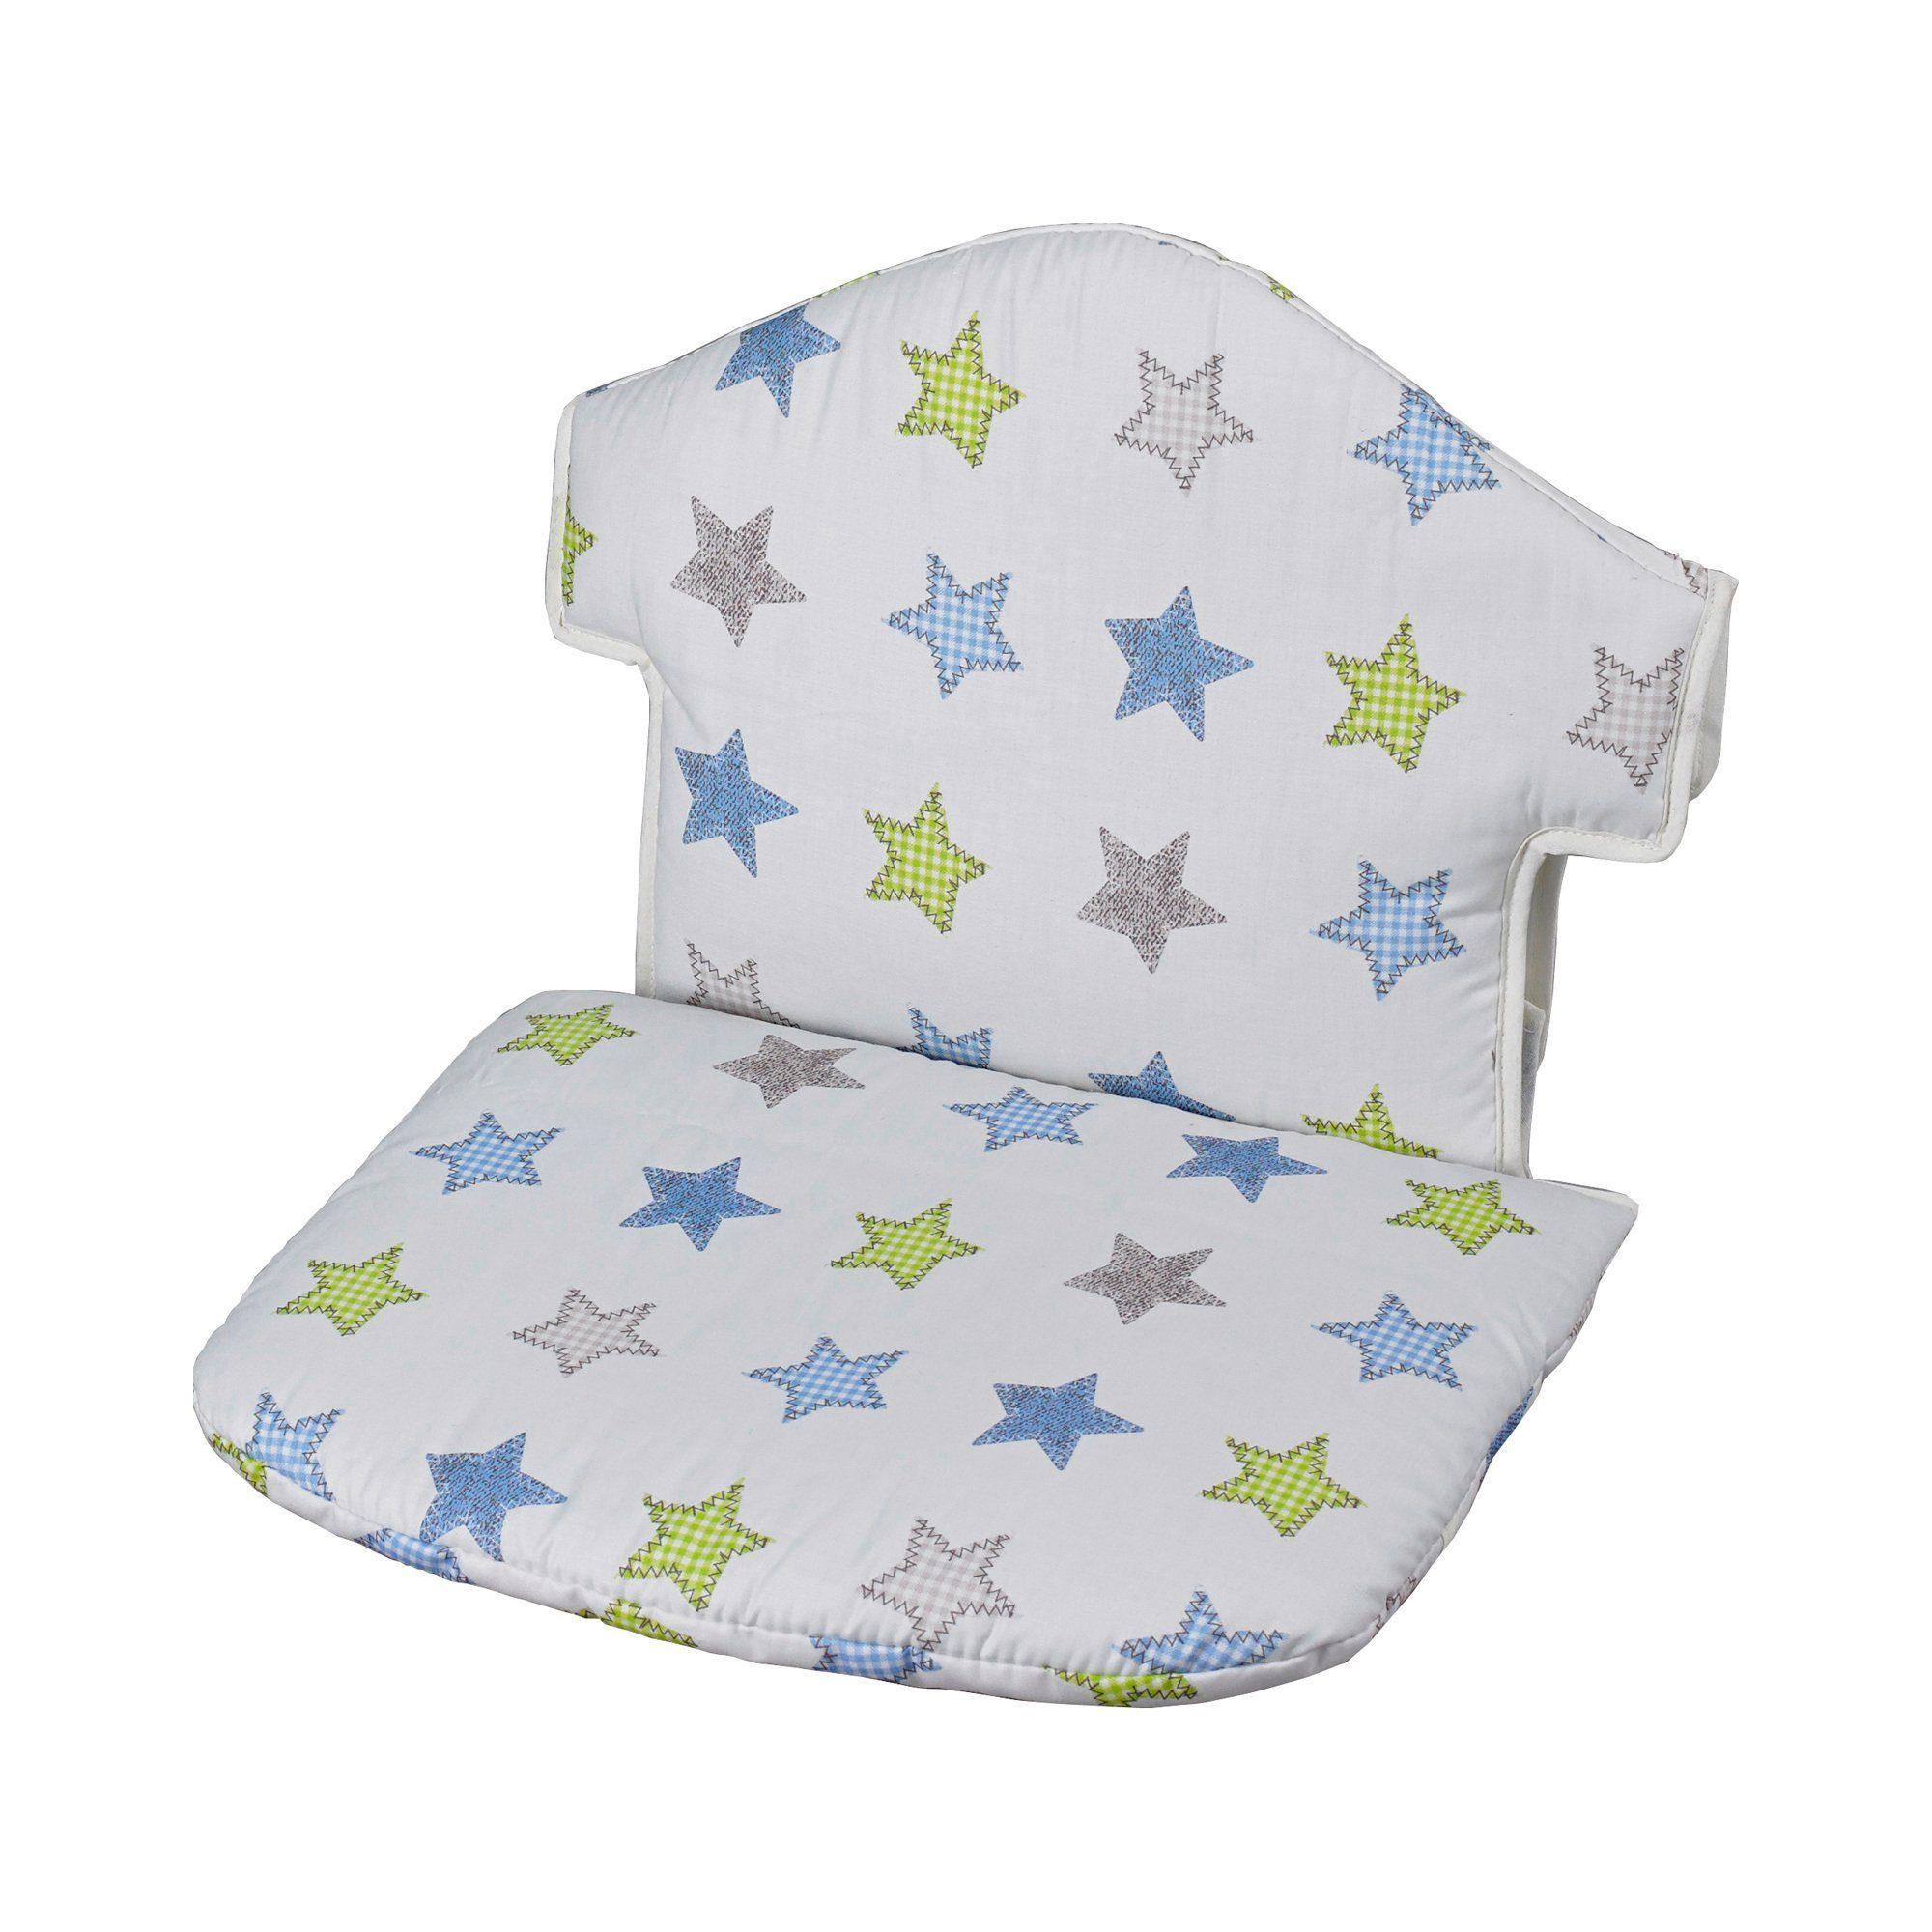 Geuther Sitzkissen Swing Sterne